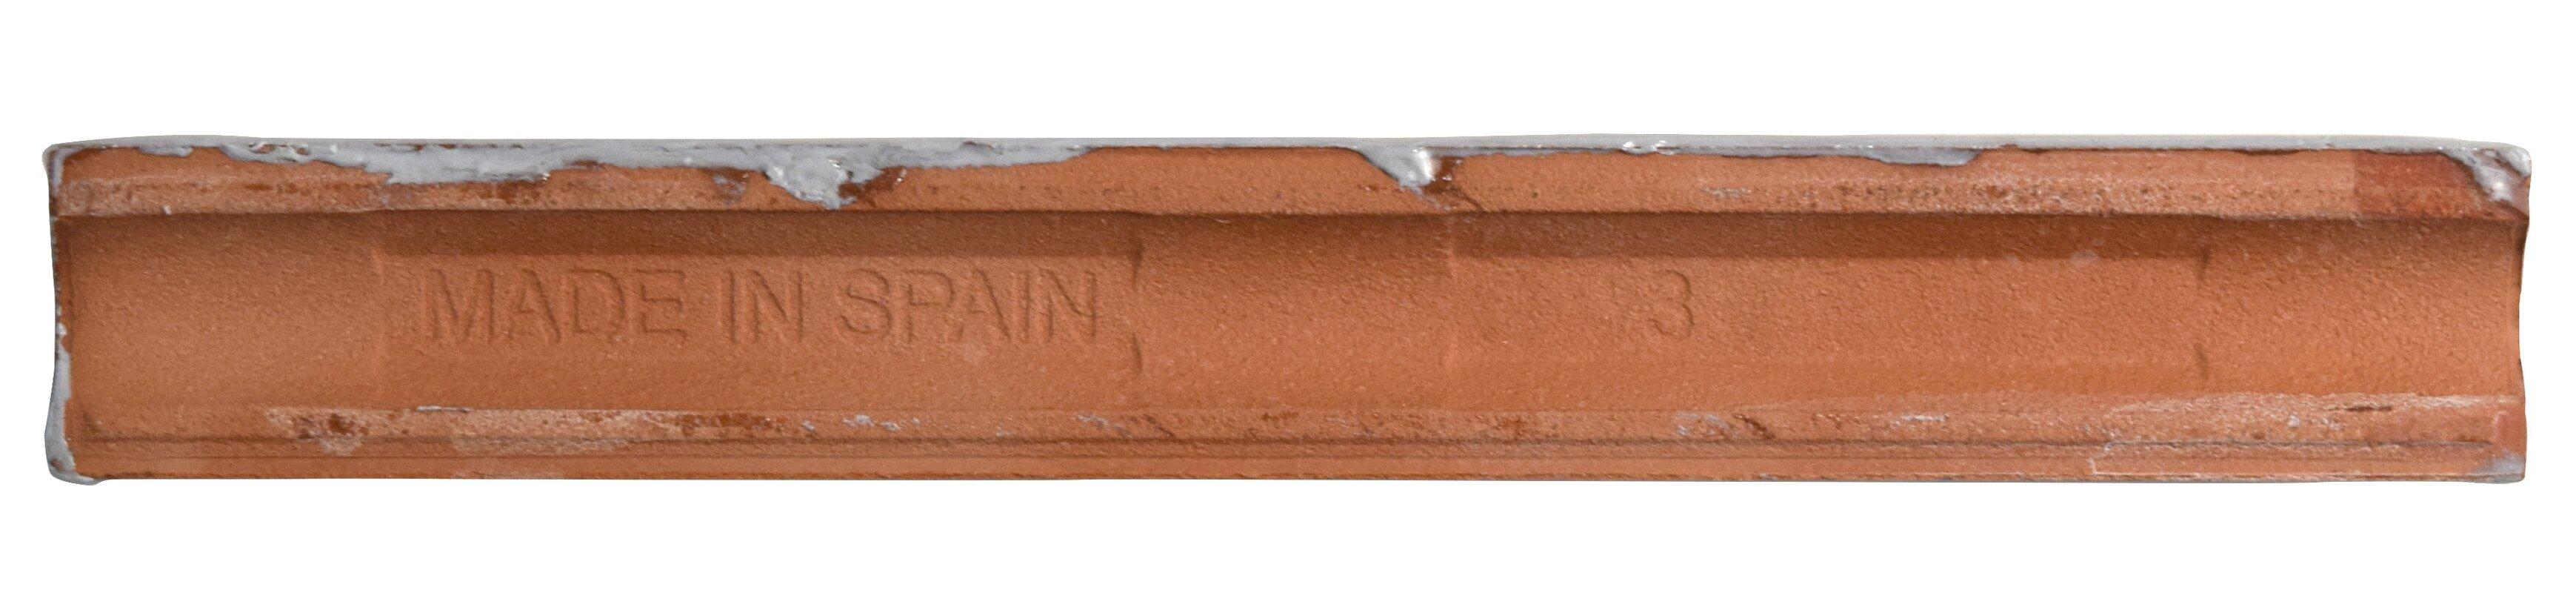 Elitetile antiqua craquelle 075 x 6 ceramic quarter round tile antiqua craquelle 075 x 6 ceramic quarter round tile trim in dailygadgetfo Images